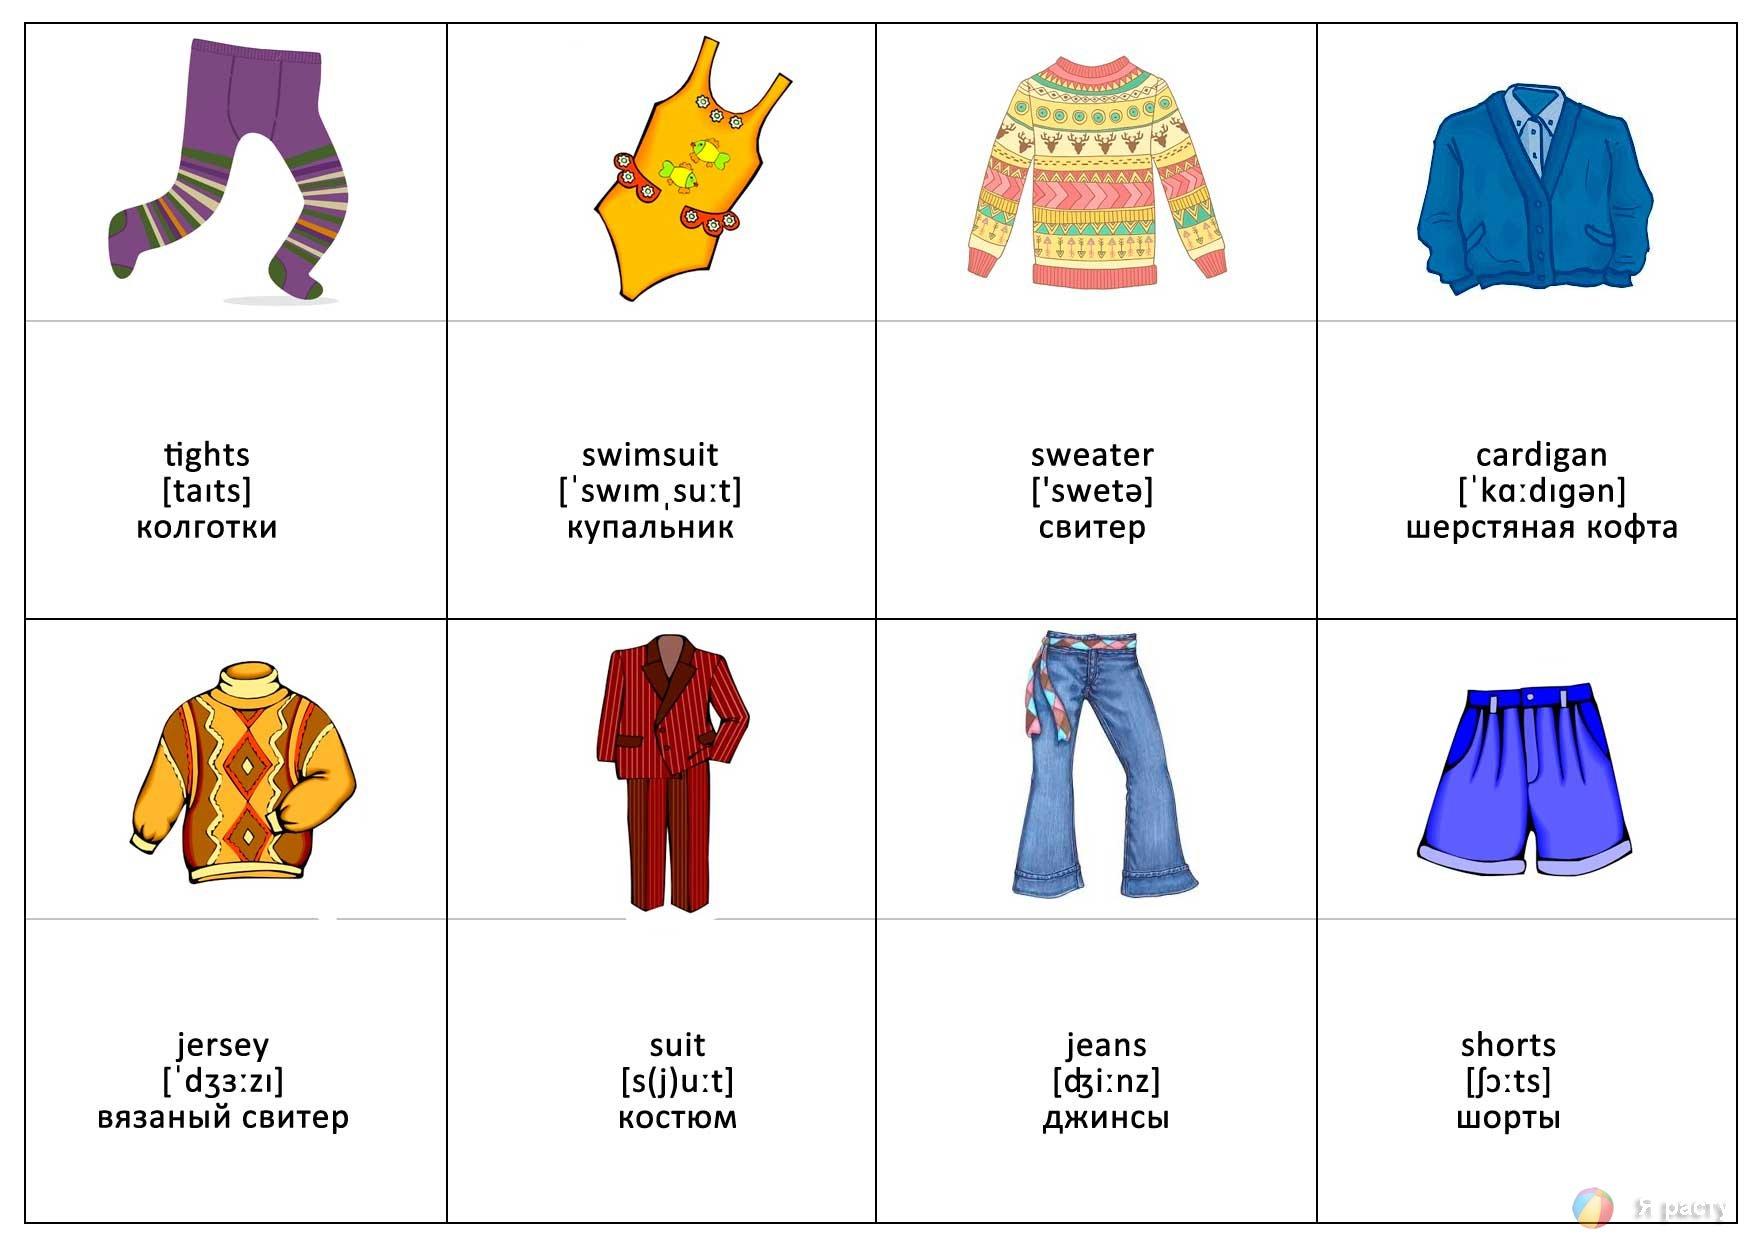 Картинки с одеждой на английском, советские